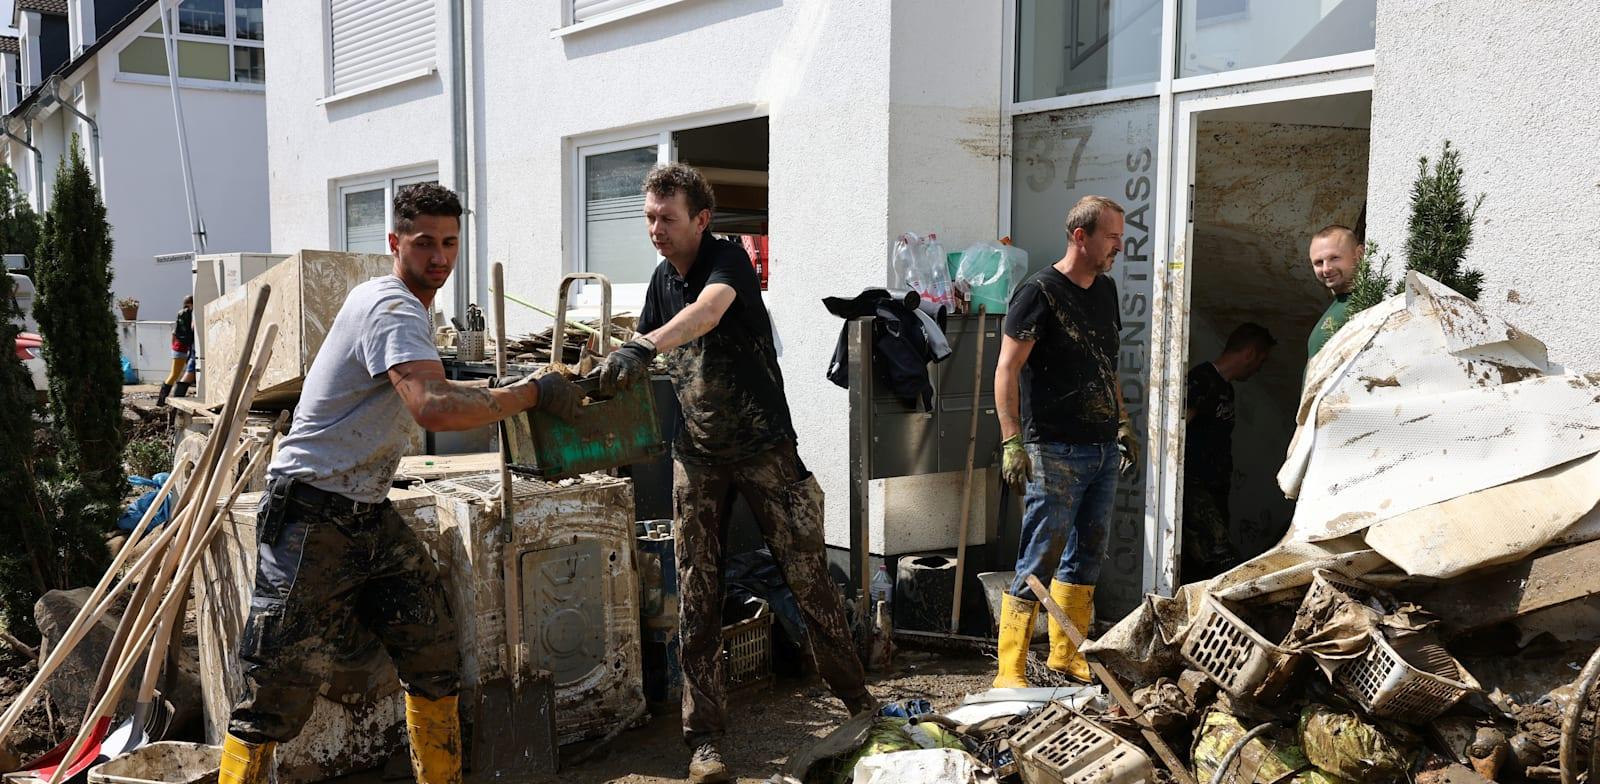 אנשים מפנים את ההריסות בעמק אהר בגרמניה, השבוע / צילום: Reuters, CHRISTIAN MANG